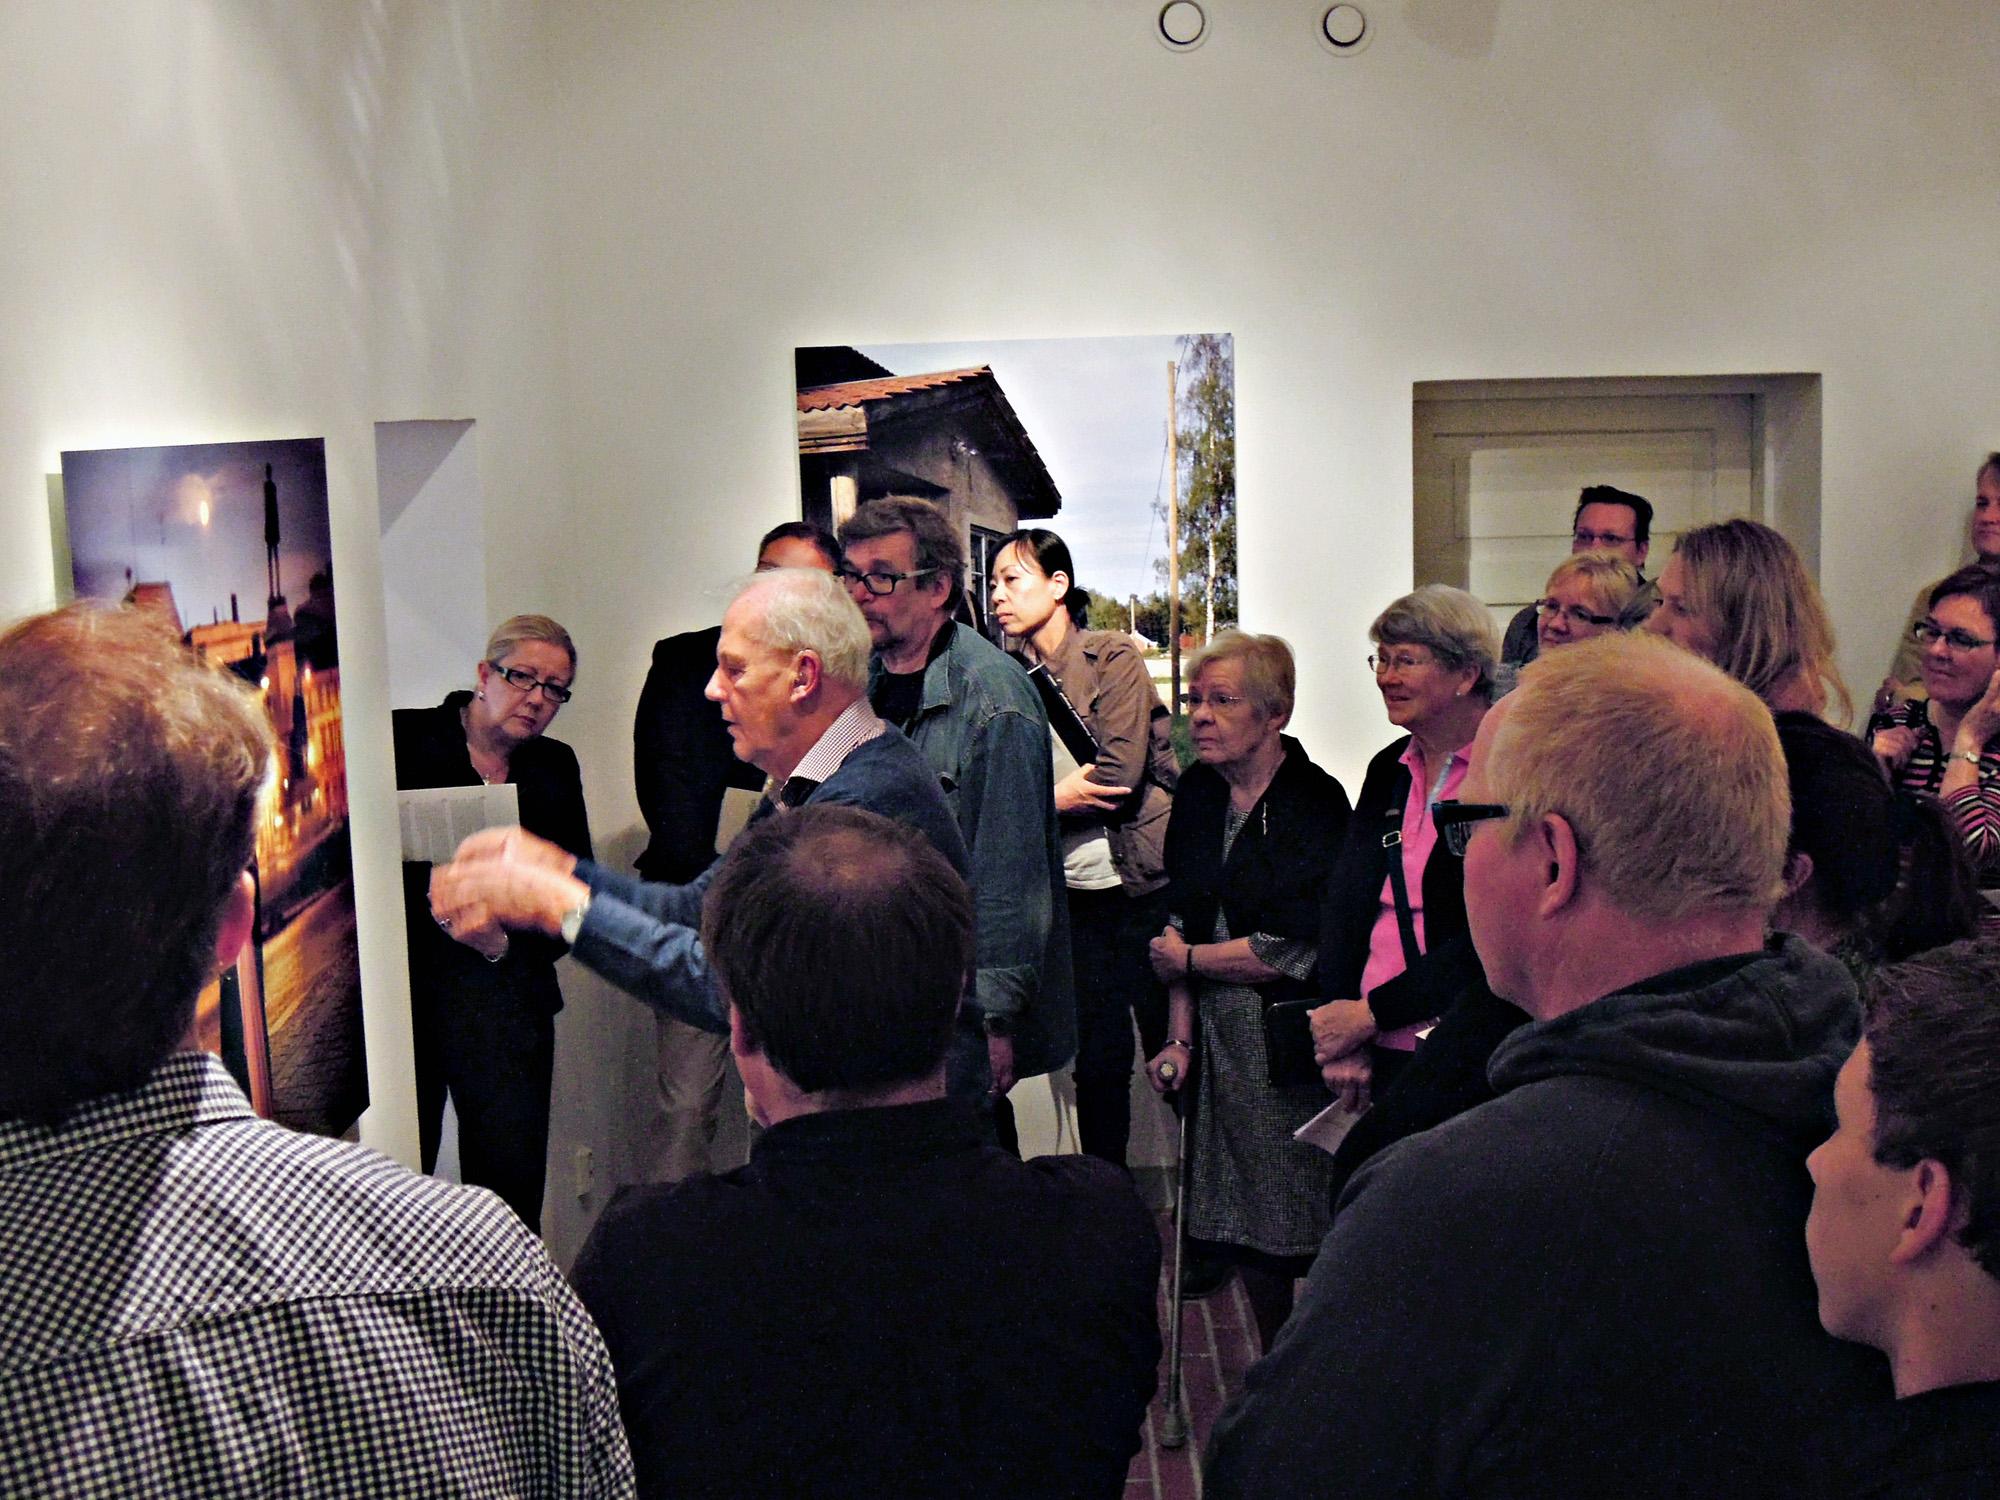 Akateemikko Caj Bremer esittelee näyttelyään. Bermerin retrospektiivisessä näyttelyssä vieraili  12.000 henkilöä viiden viikon aikana.'  Kuva on Oulun taiteiden yöstä viime elokuussa 23.8.2012.